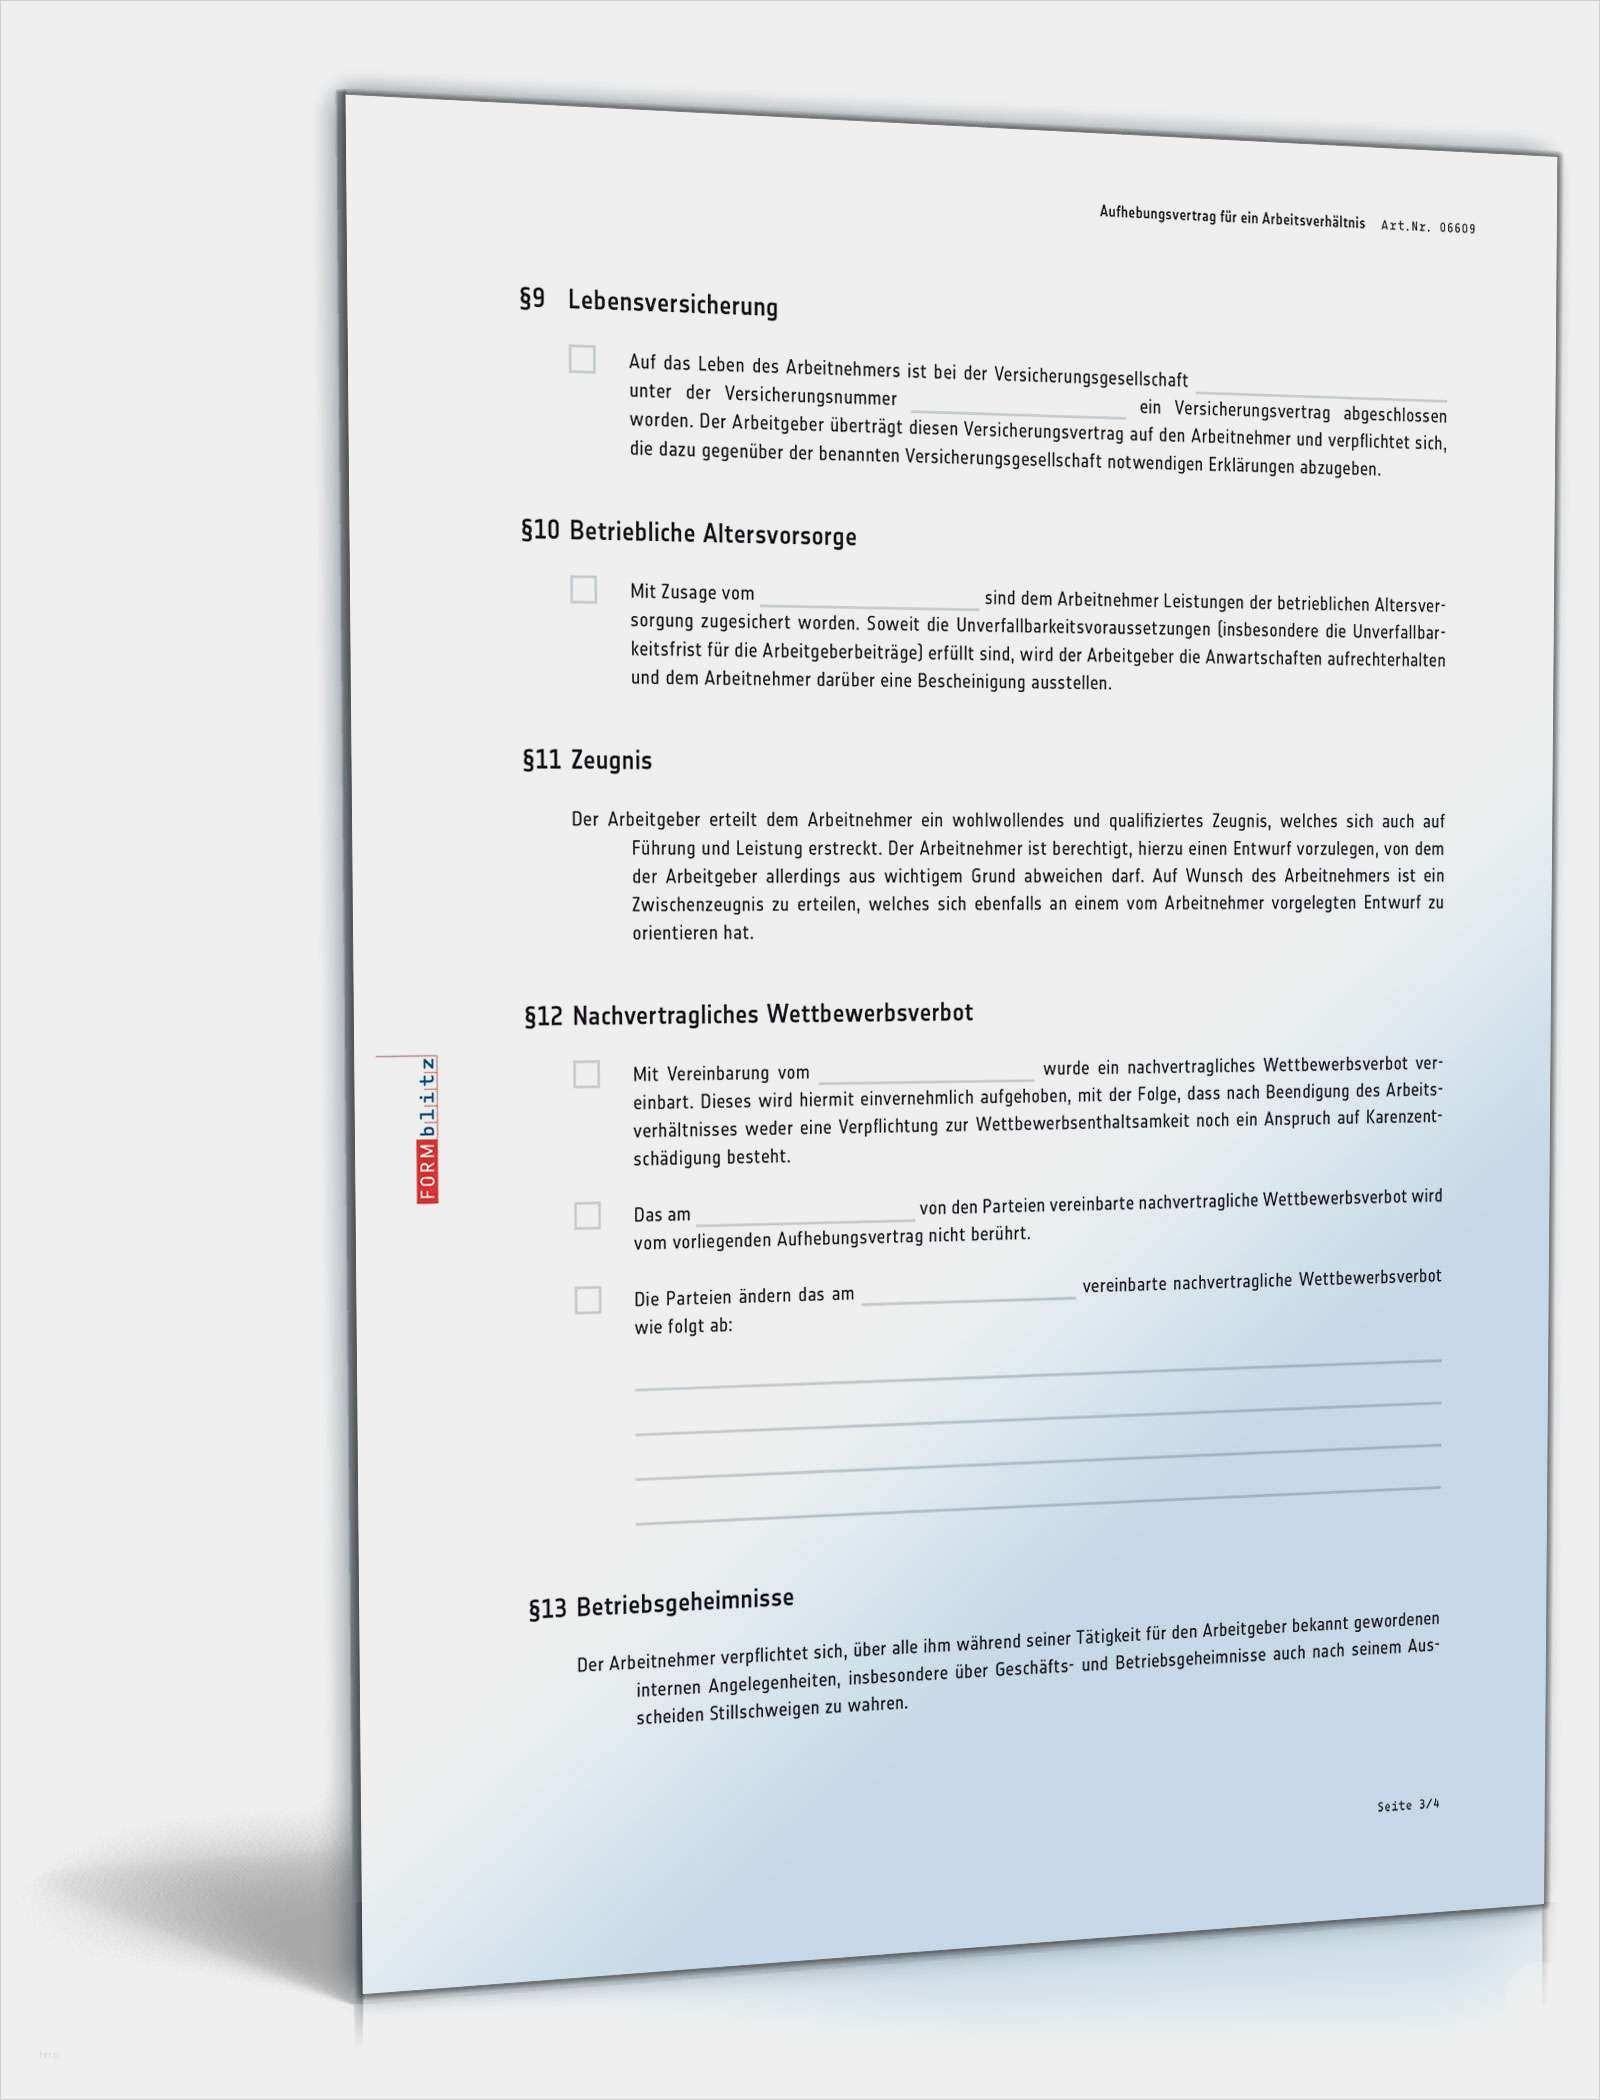 34 Beste Vorlage Aufhebungsvertrag Arbeitnehmer Modelle In 2020 Vertrag Aufhebung Aufhebungsvertrag Arbeitnehmer